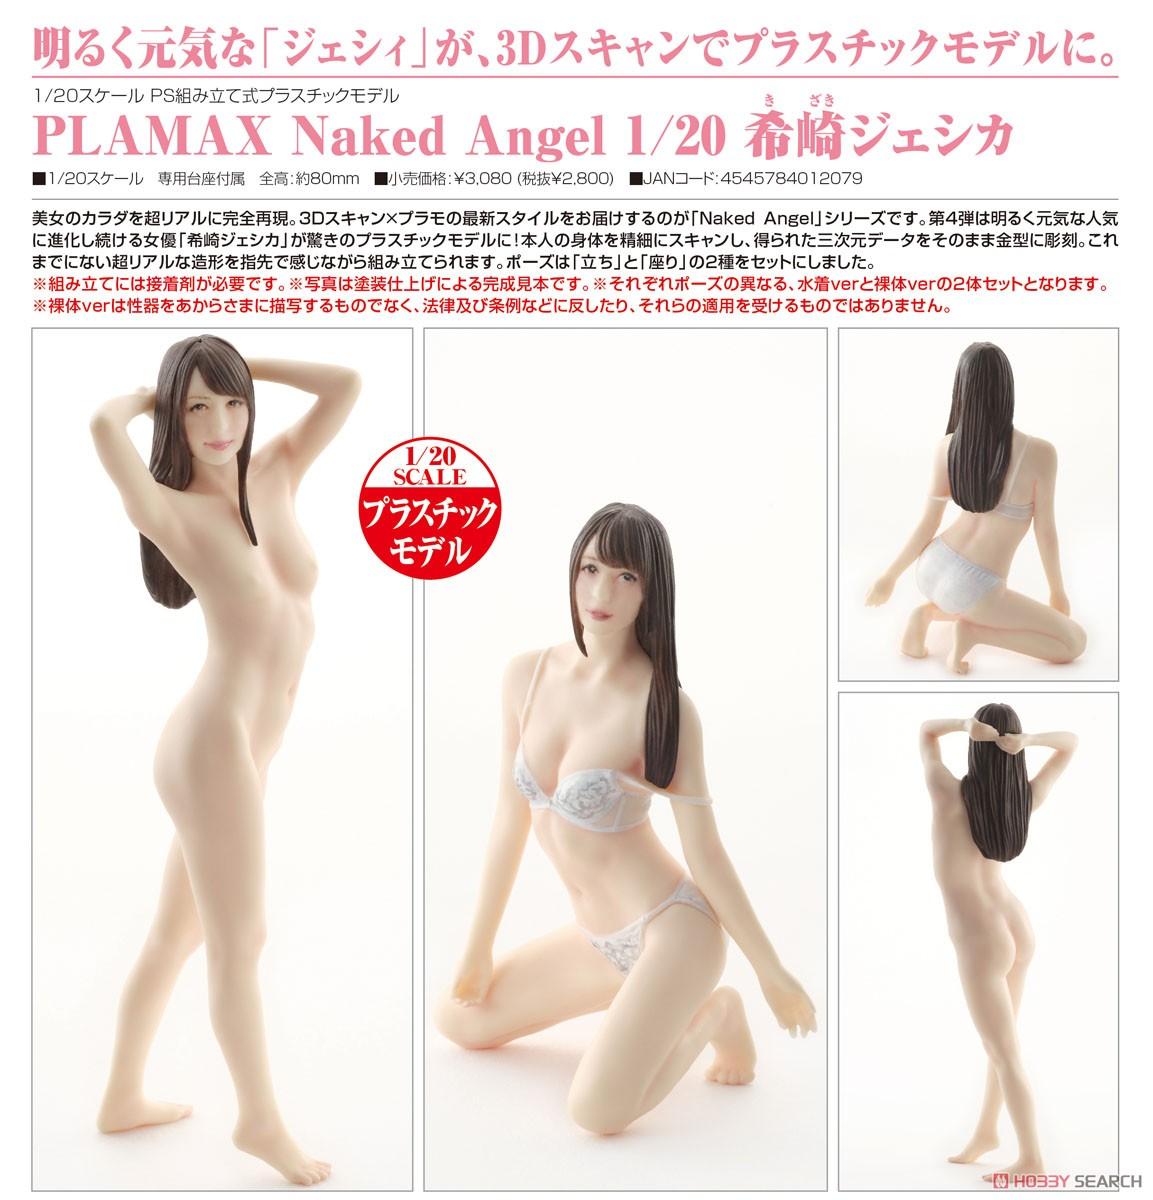 PLAMAX Naked Angel『希崎ジェシカ』1/20 プラモデル-006